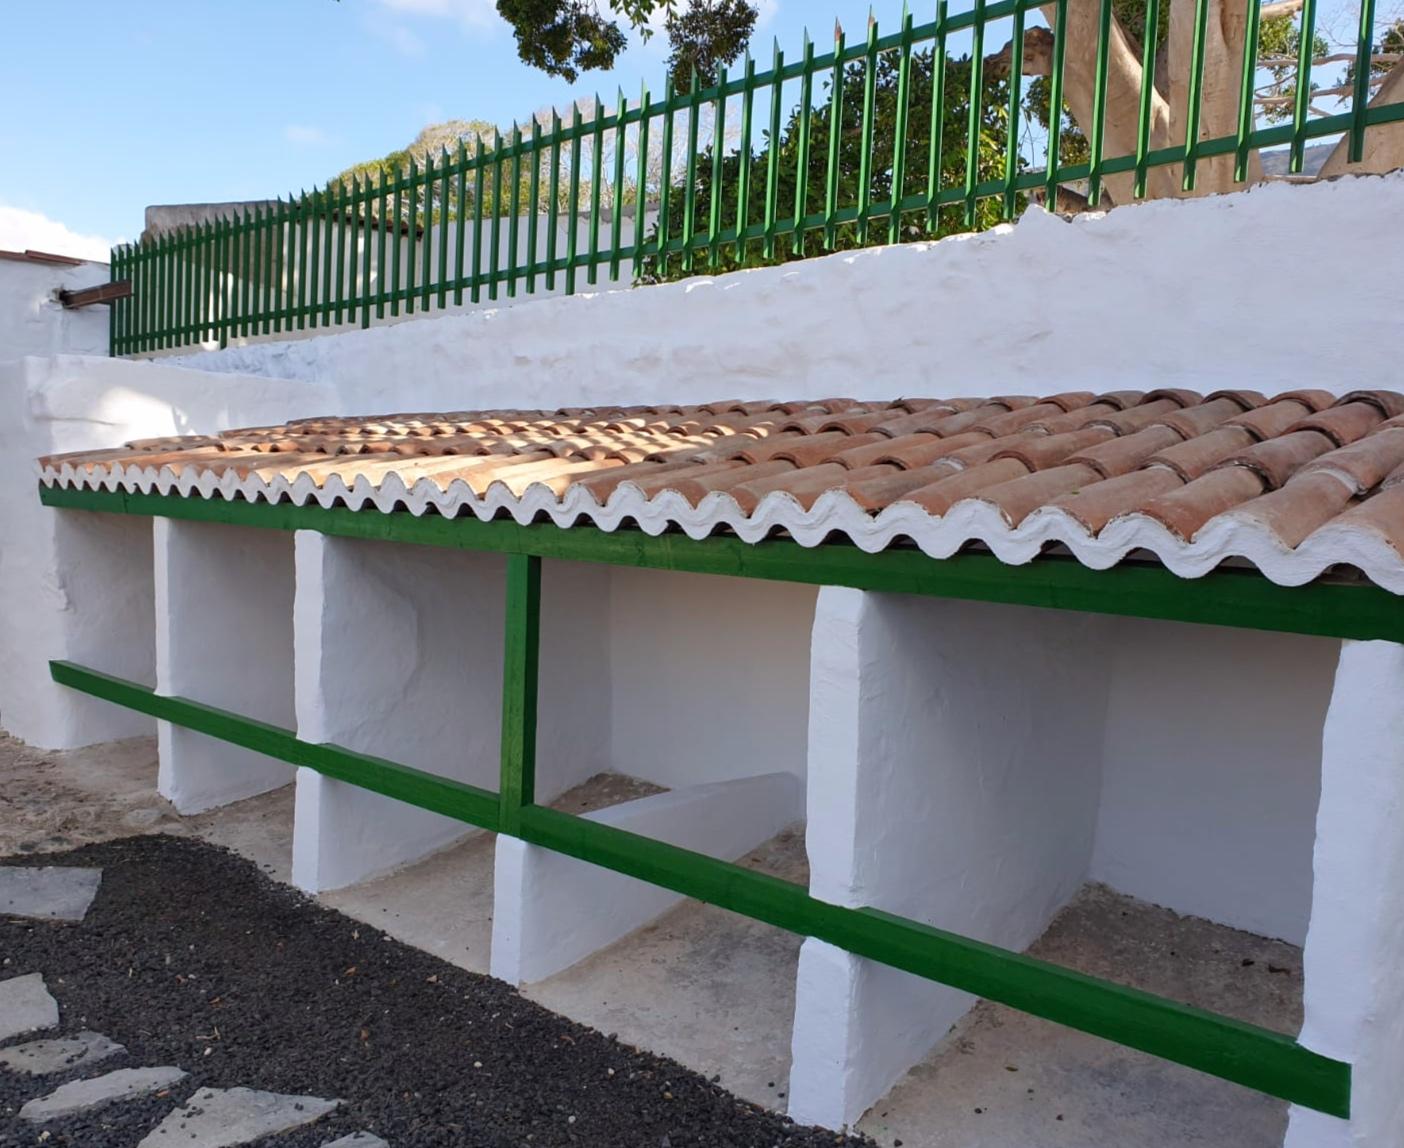 Casa+Fuerte+Adeje+gallinero.jpg